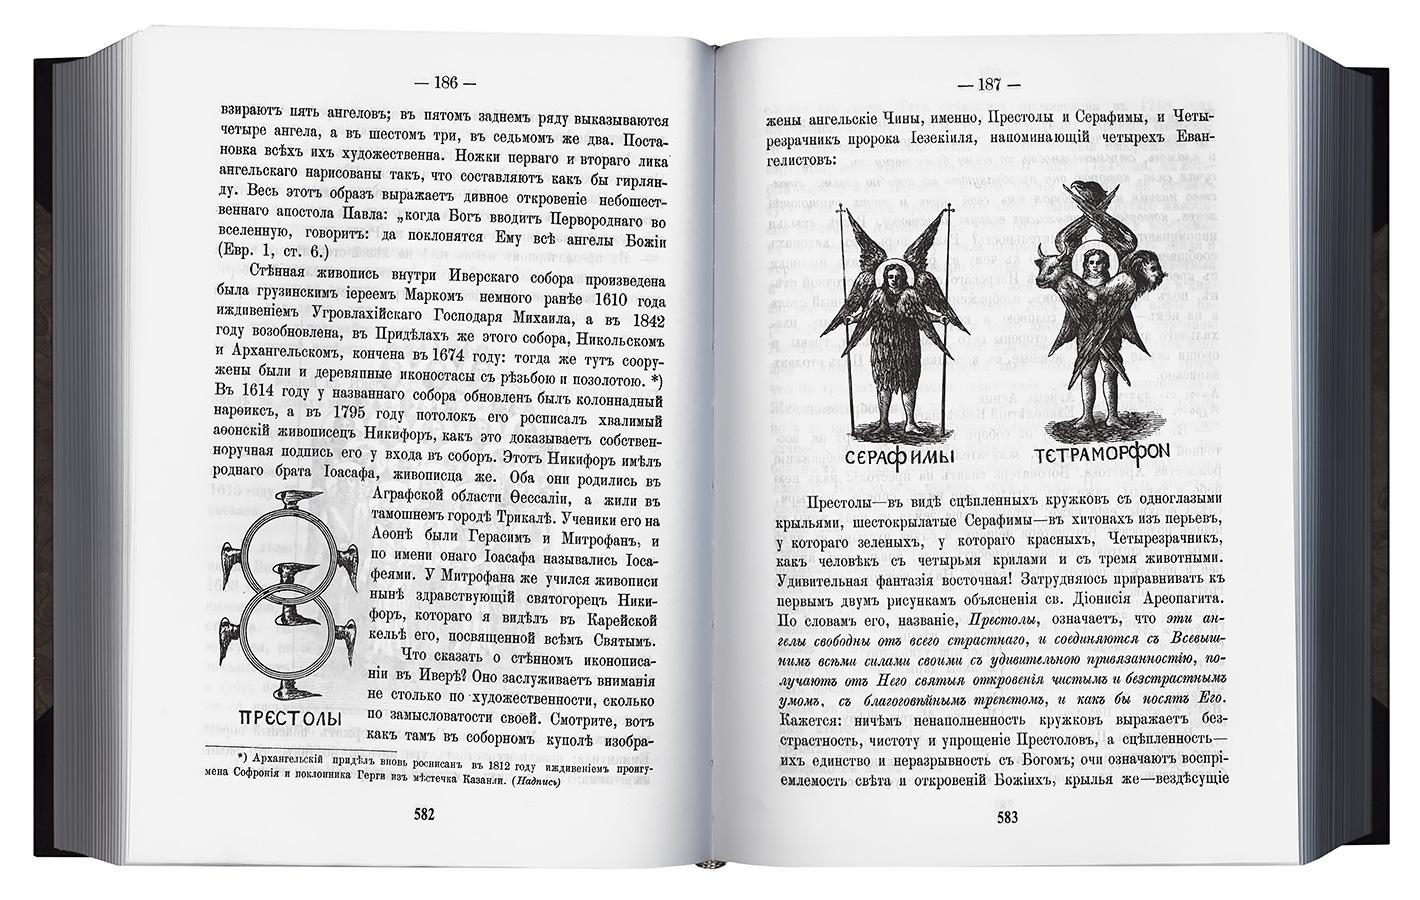 Епископ порфирий успенский книги скачать